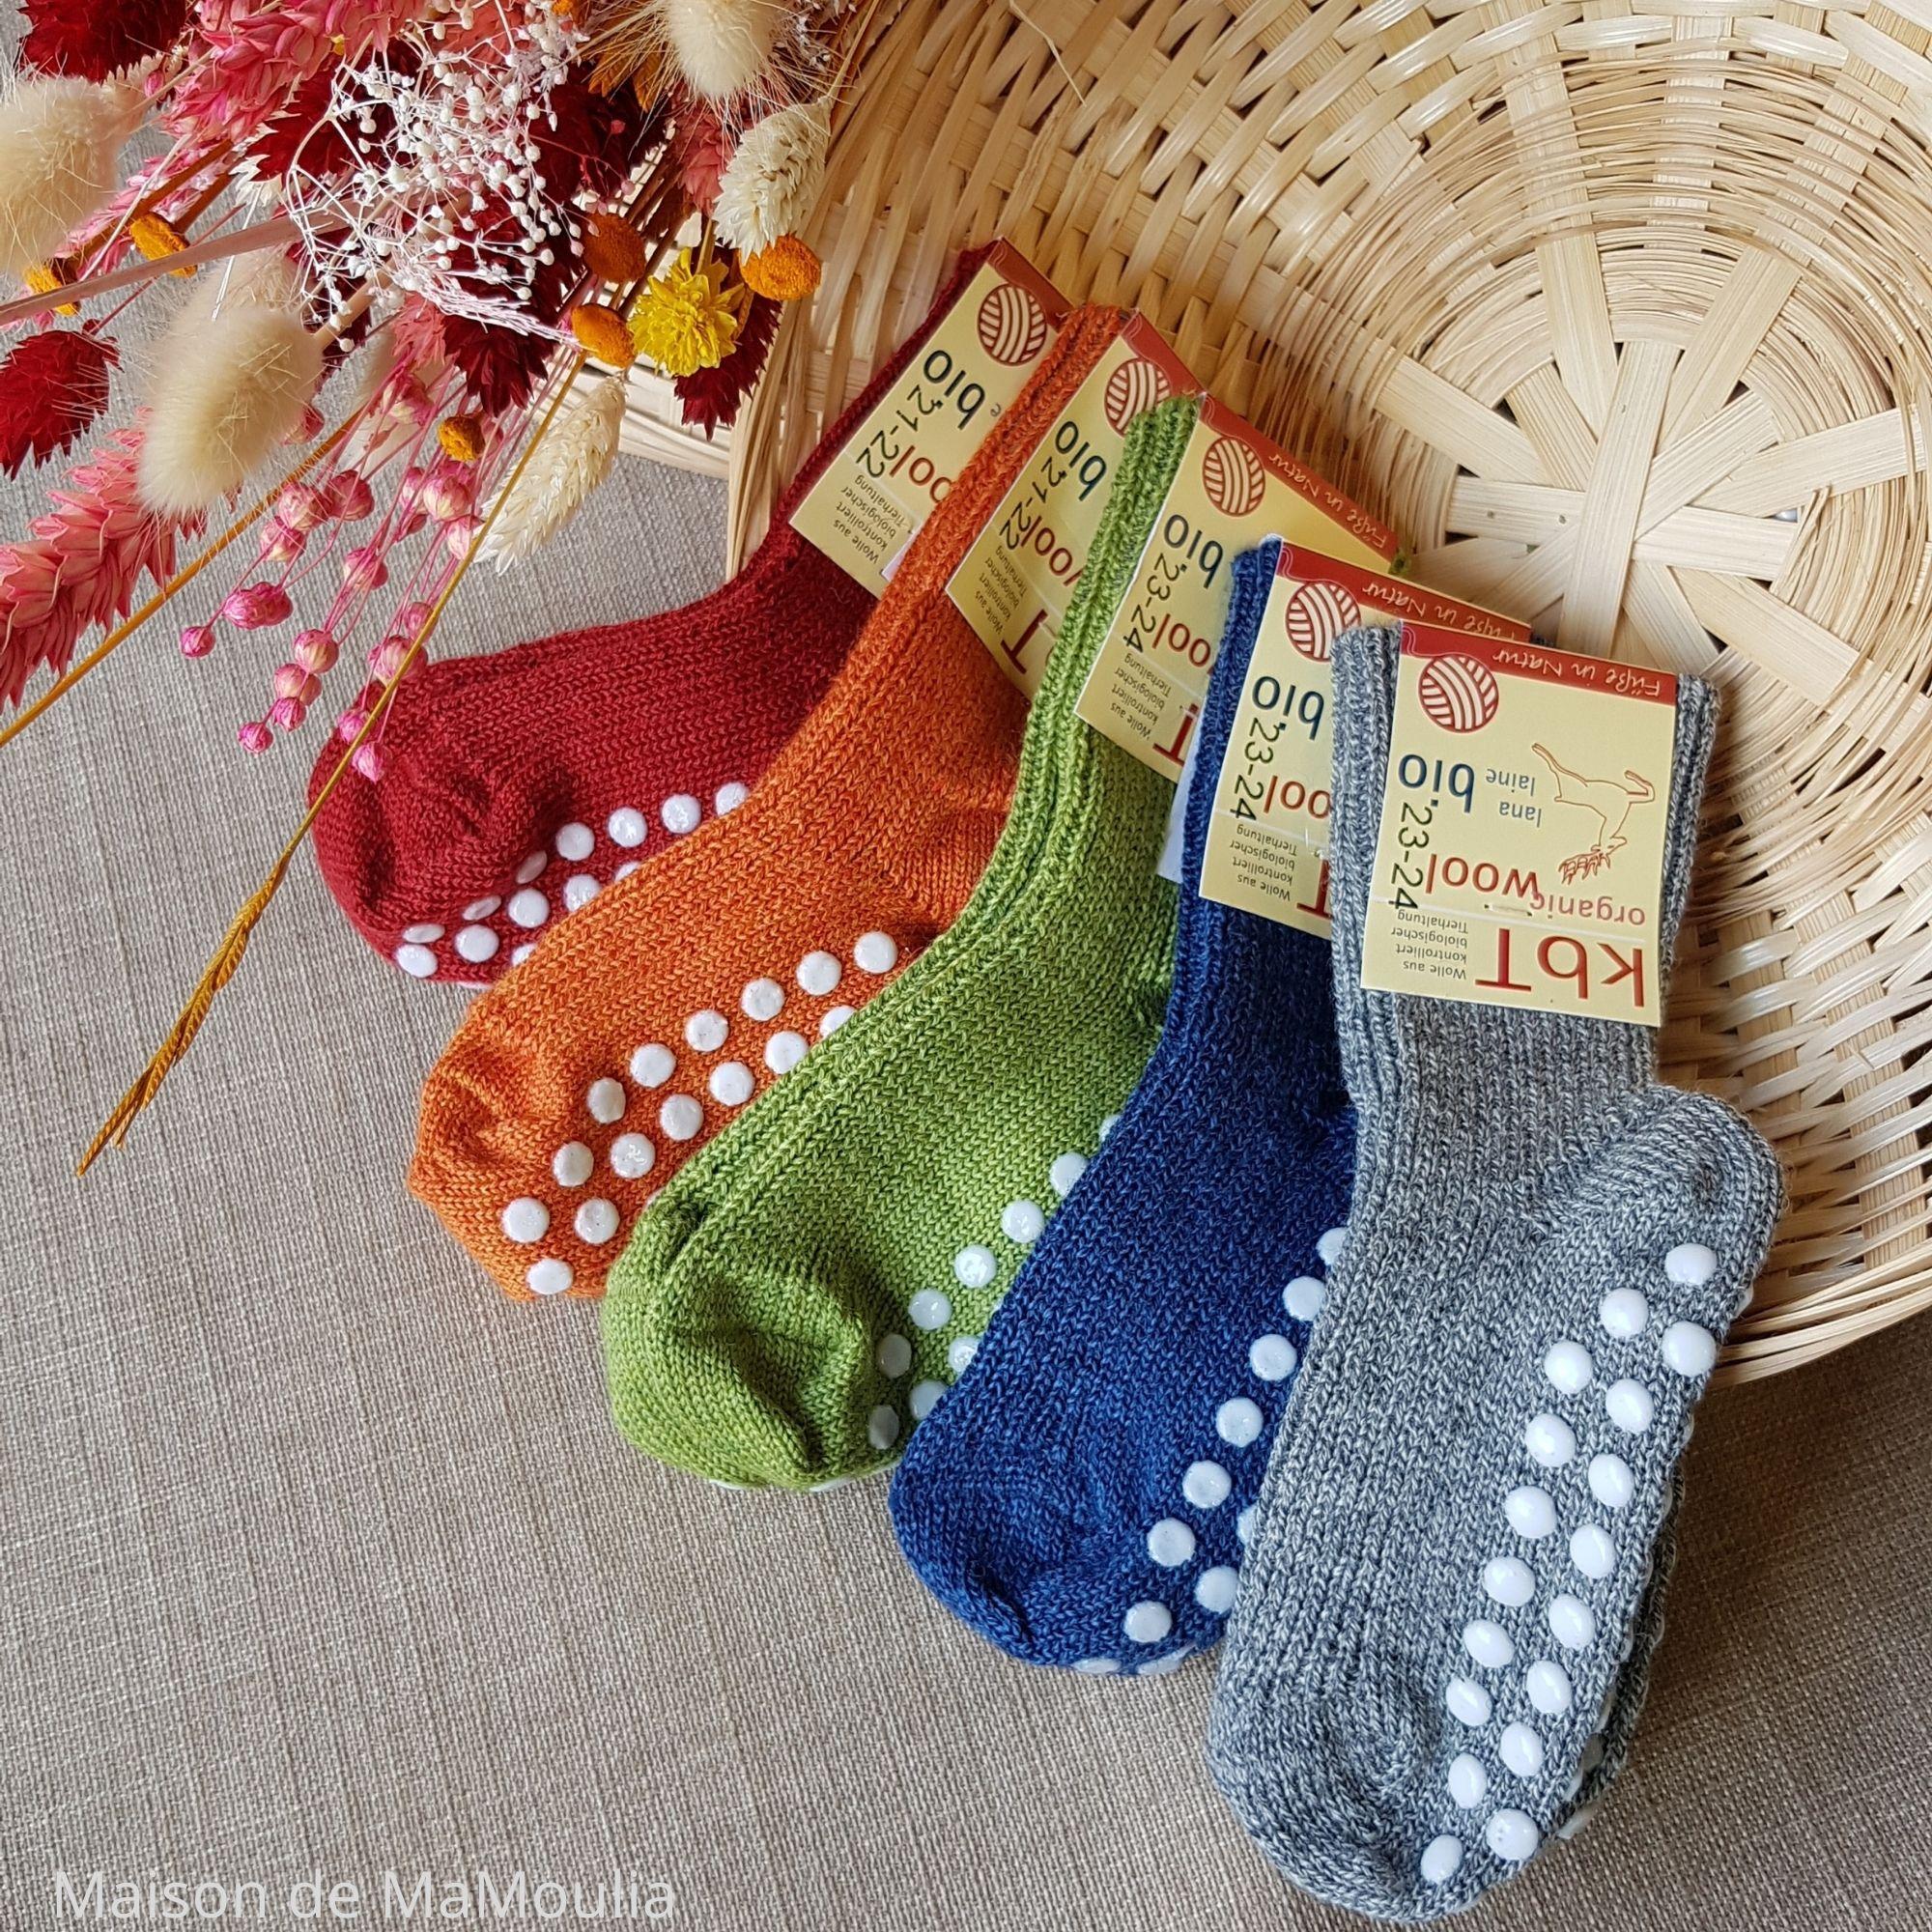 HIRSCH Natur - Chaussettes antidérapantes - 100% laine - Enfant